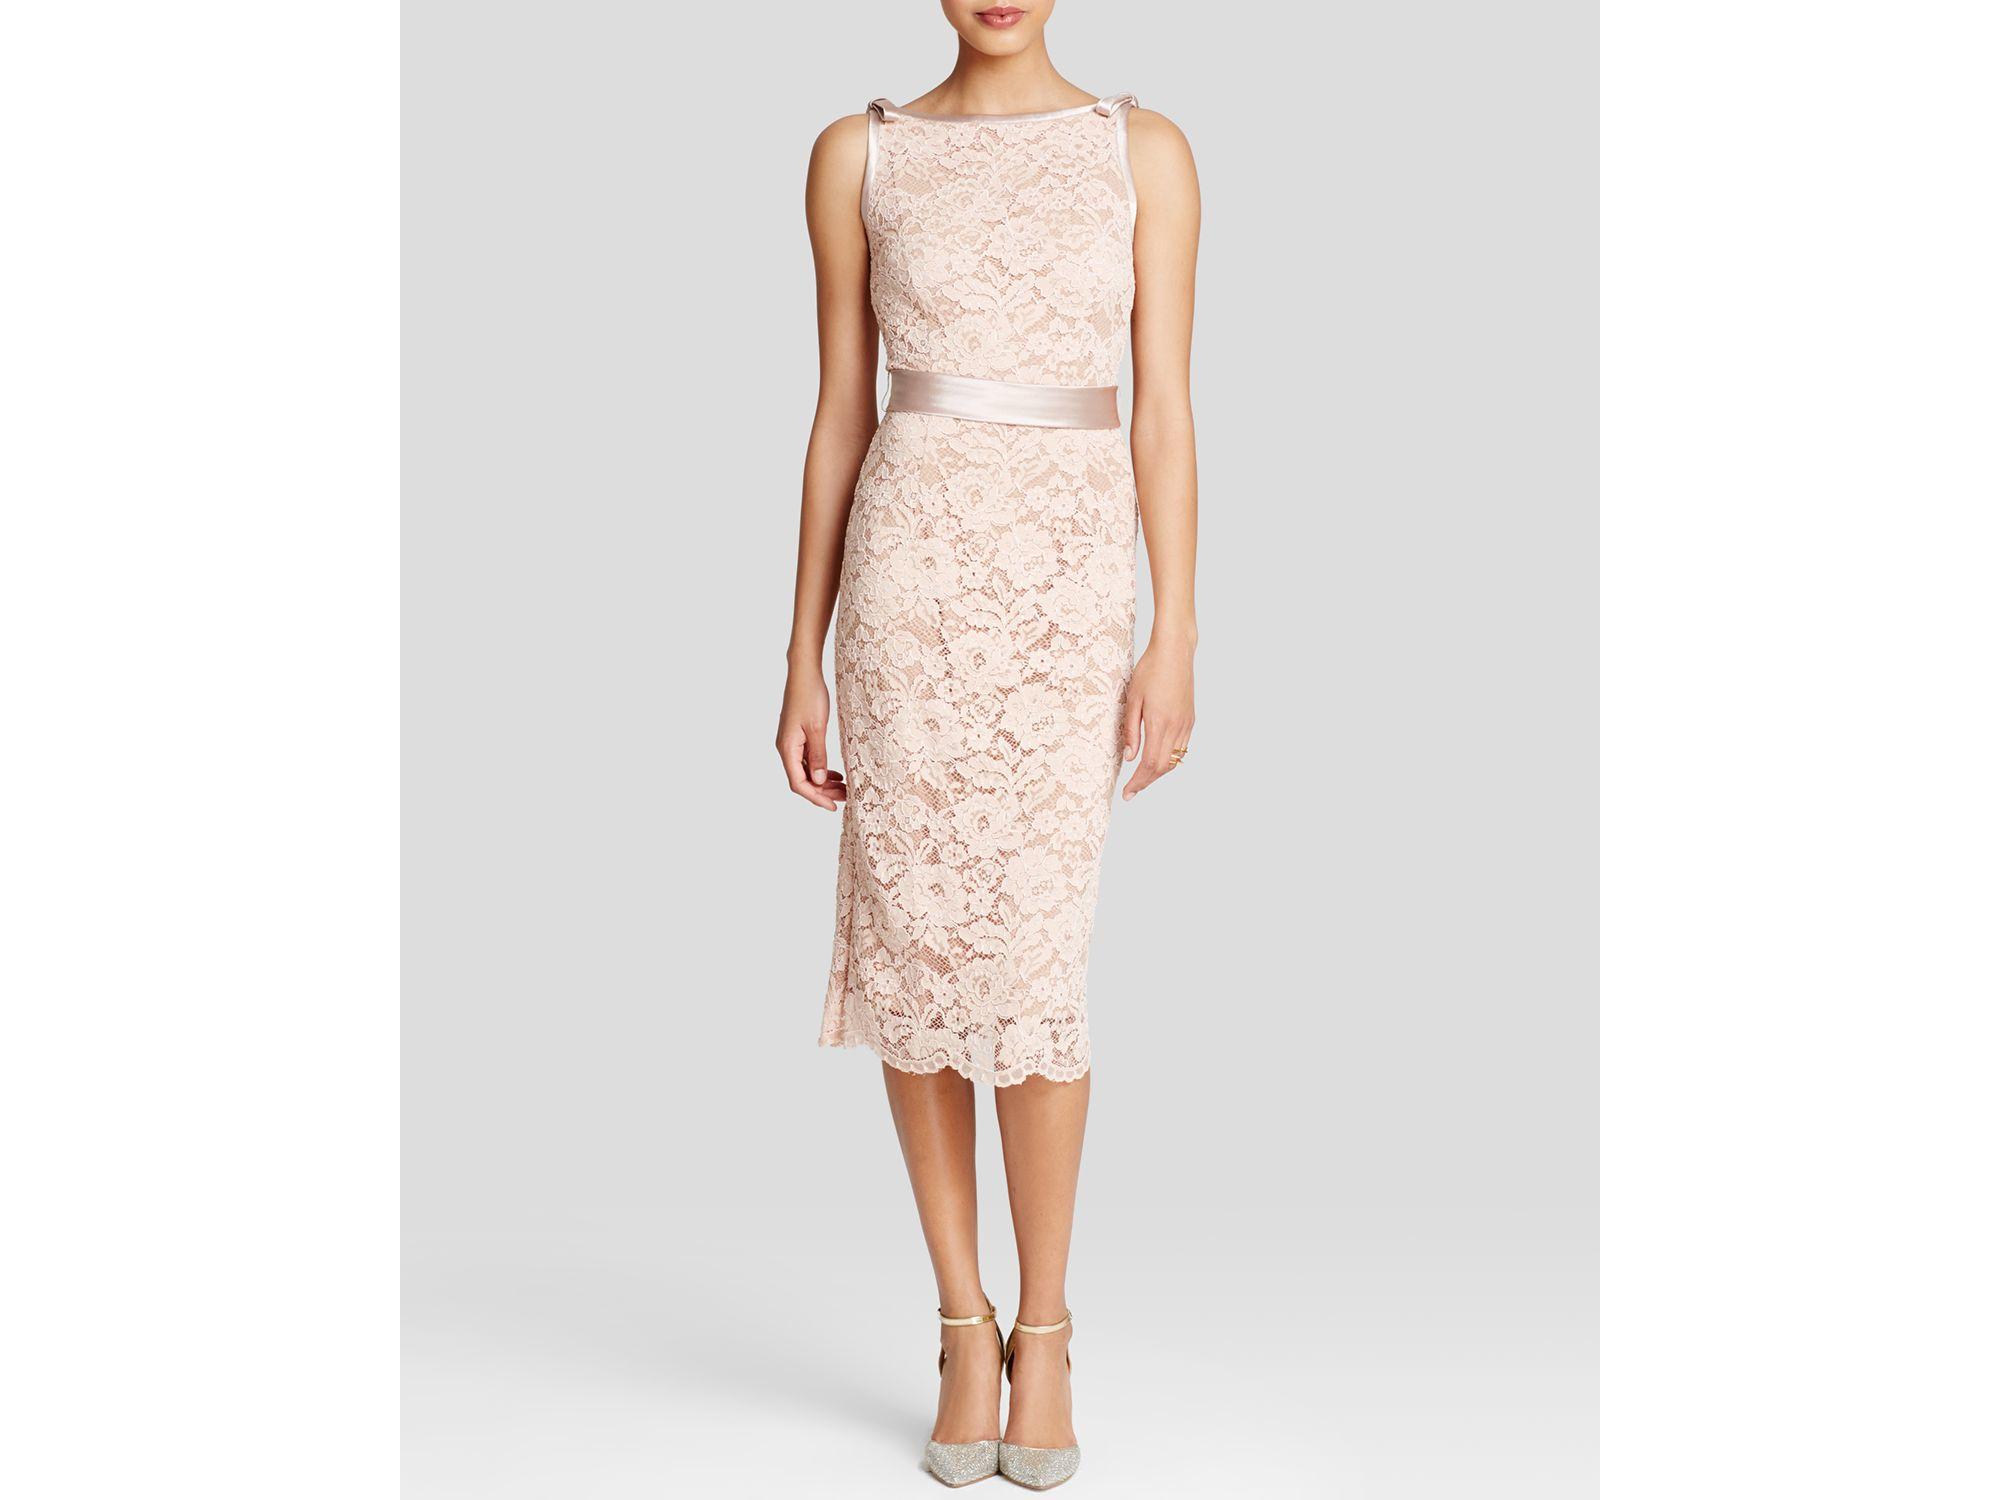 d3fa503d67d ABS By Allen Schwartz Dress - Sleeveless Lace Sheath Midi in Pink - Lyst